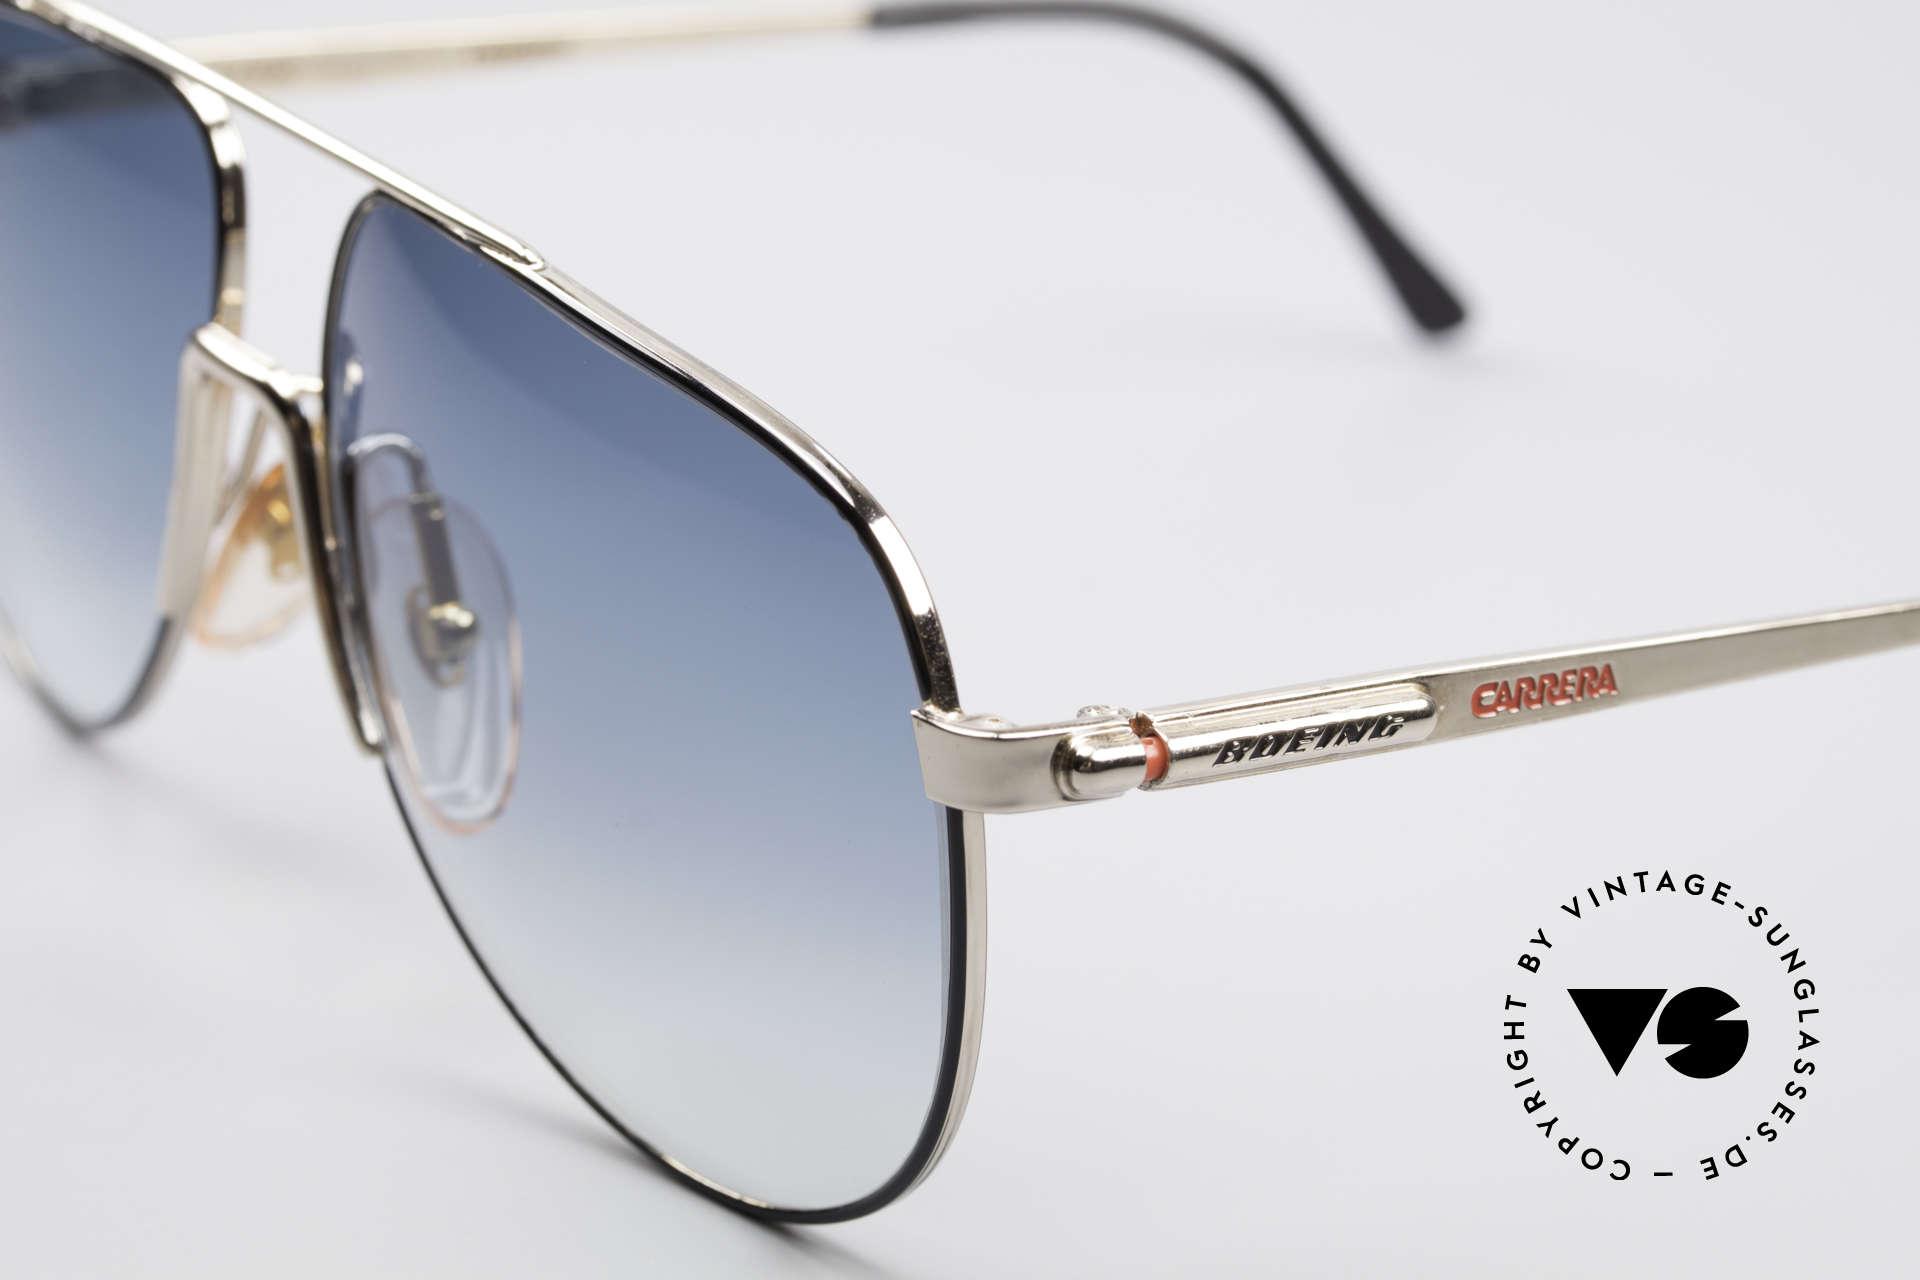 Boeing 5730 Echte Pilotensonnenbrille, Rahmen in absoluter Top-Qualität; für Piloten gefertigt, Passend für Herren